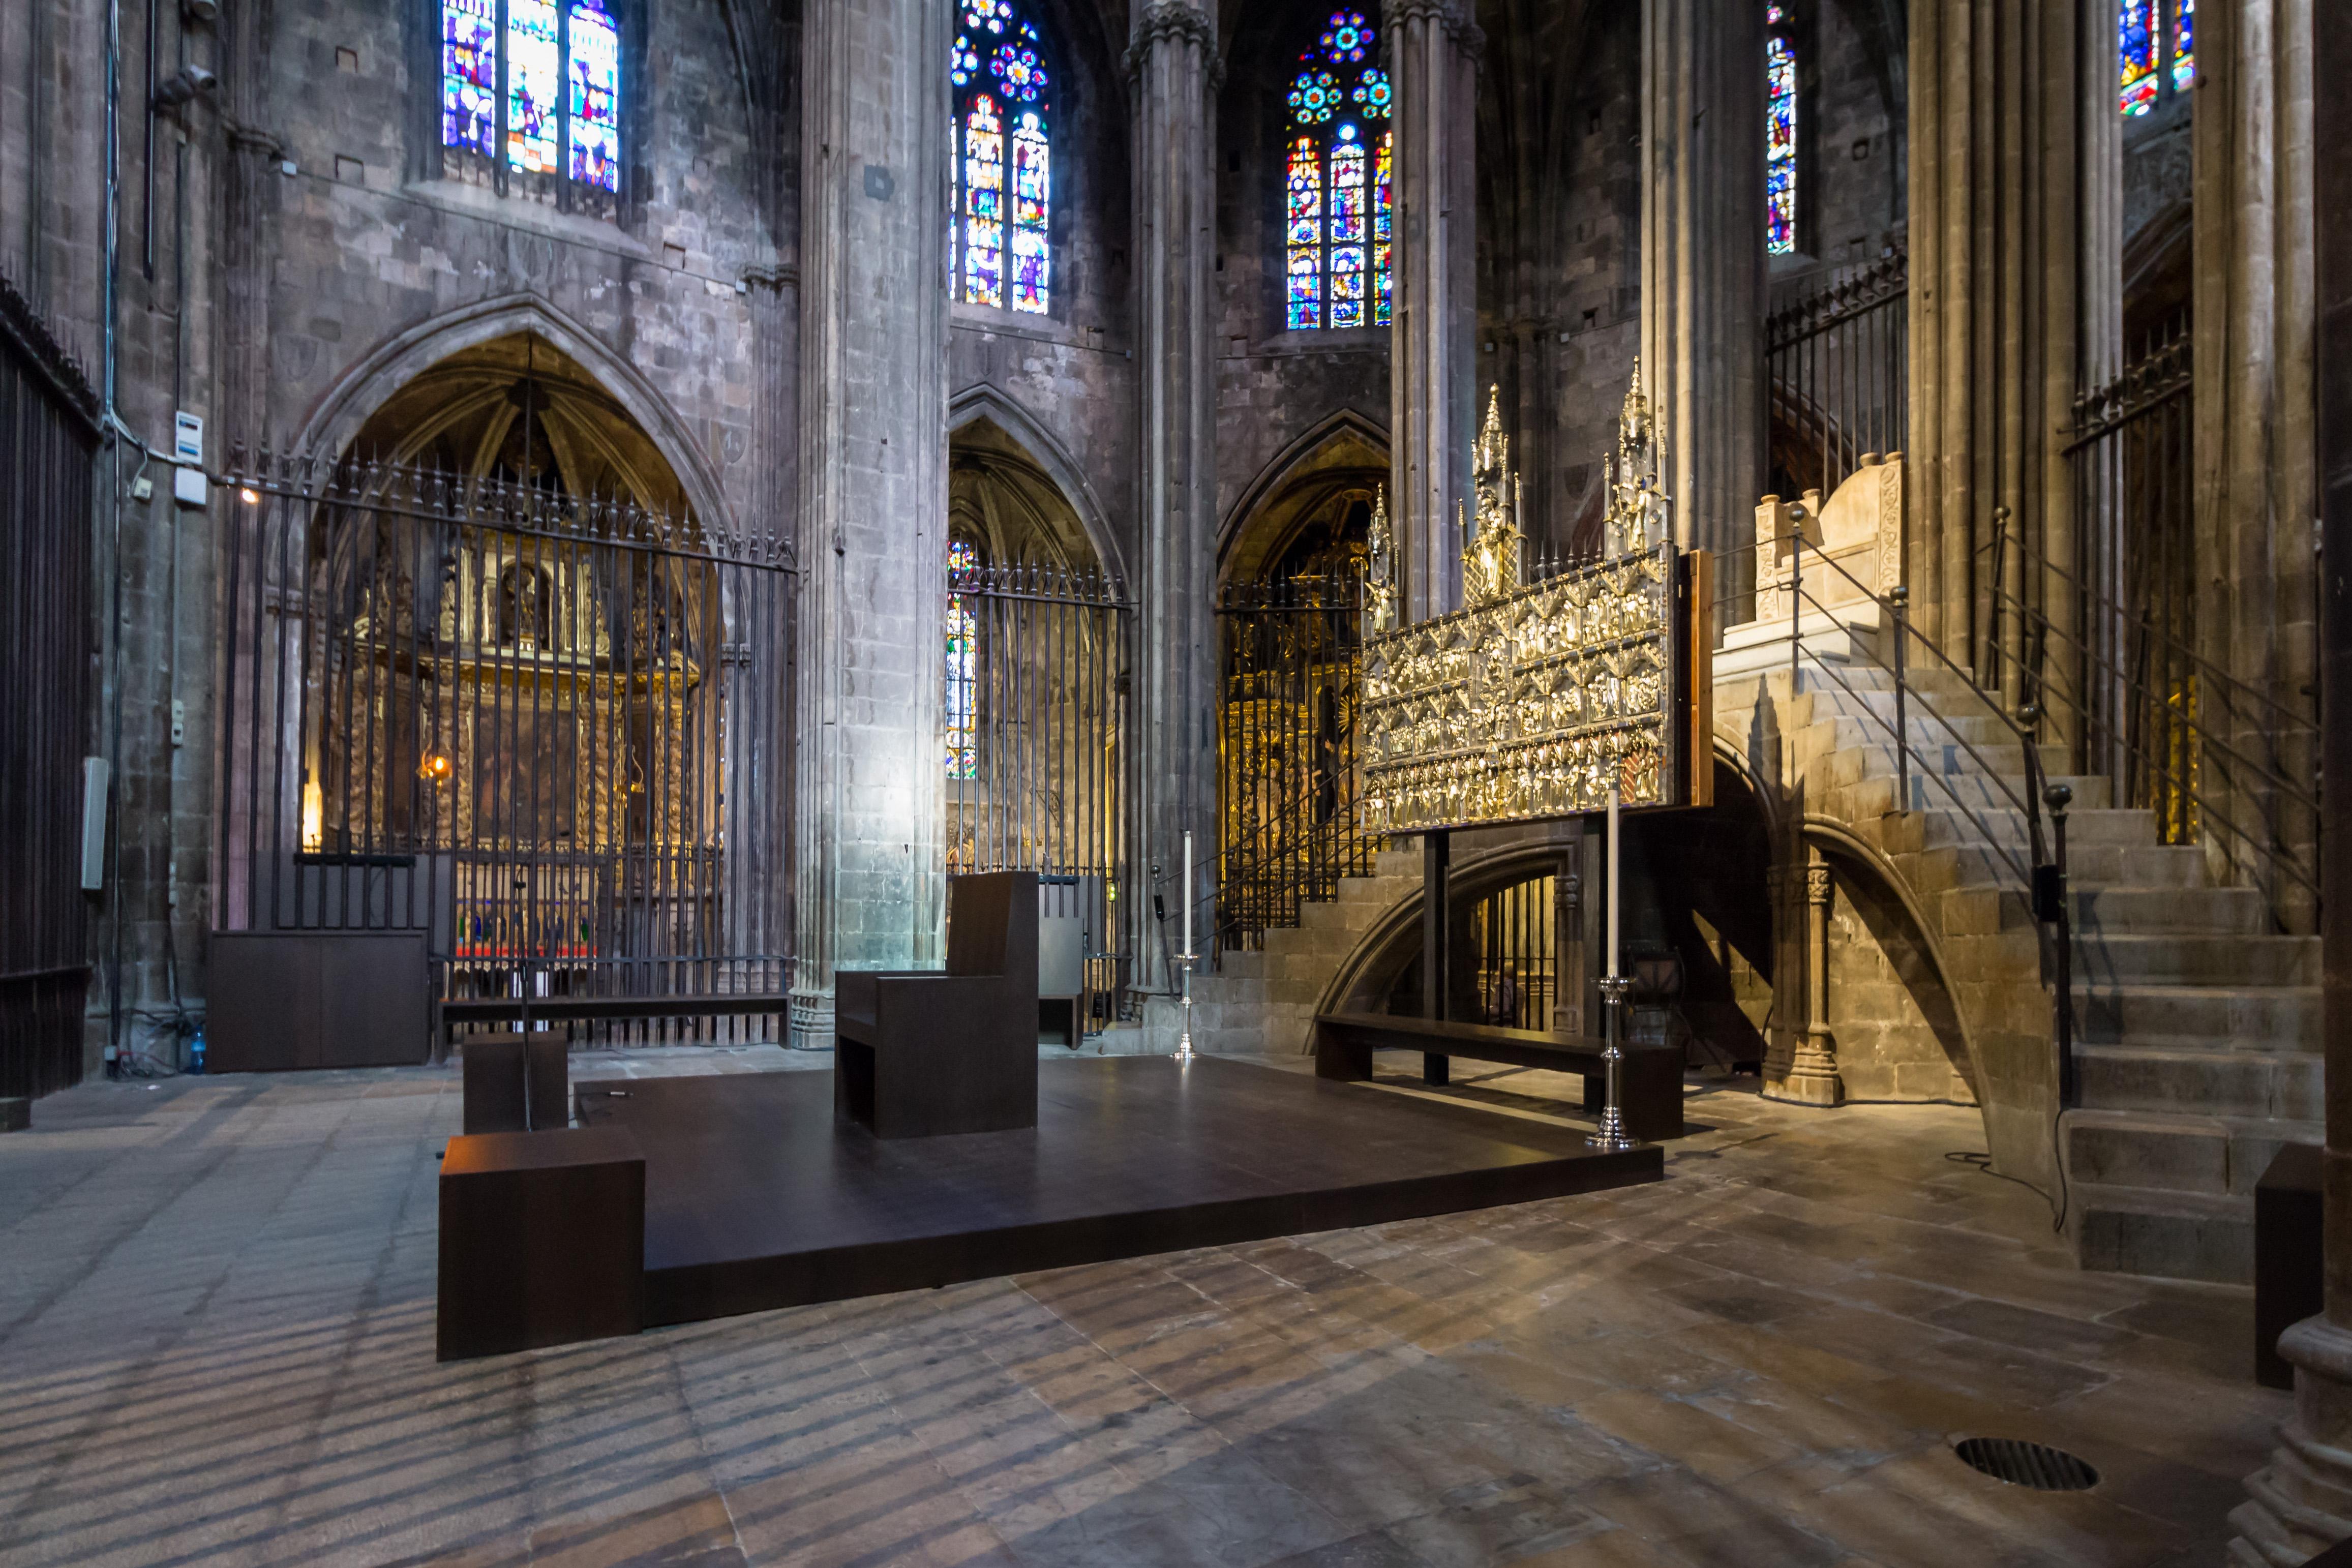 File Girona Catedral De Girona 18 2016 11 15 Jpg Wikimedia Commons